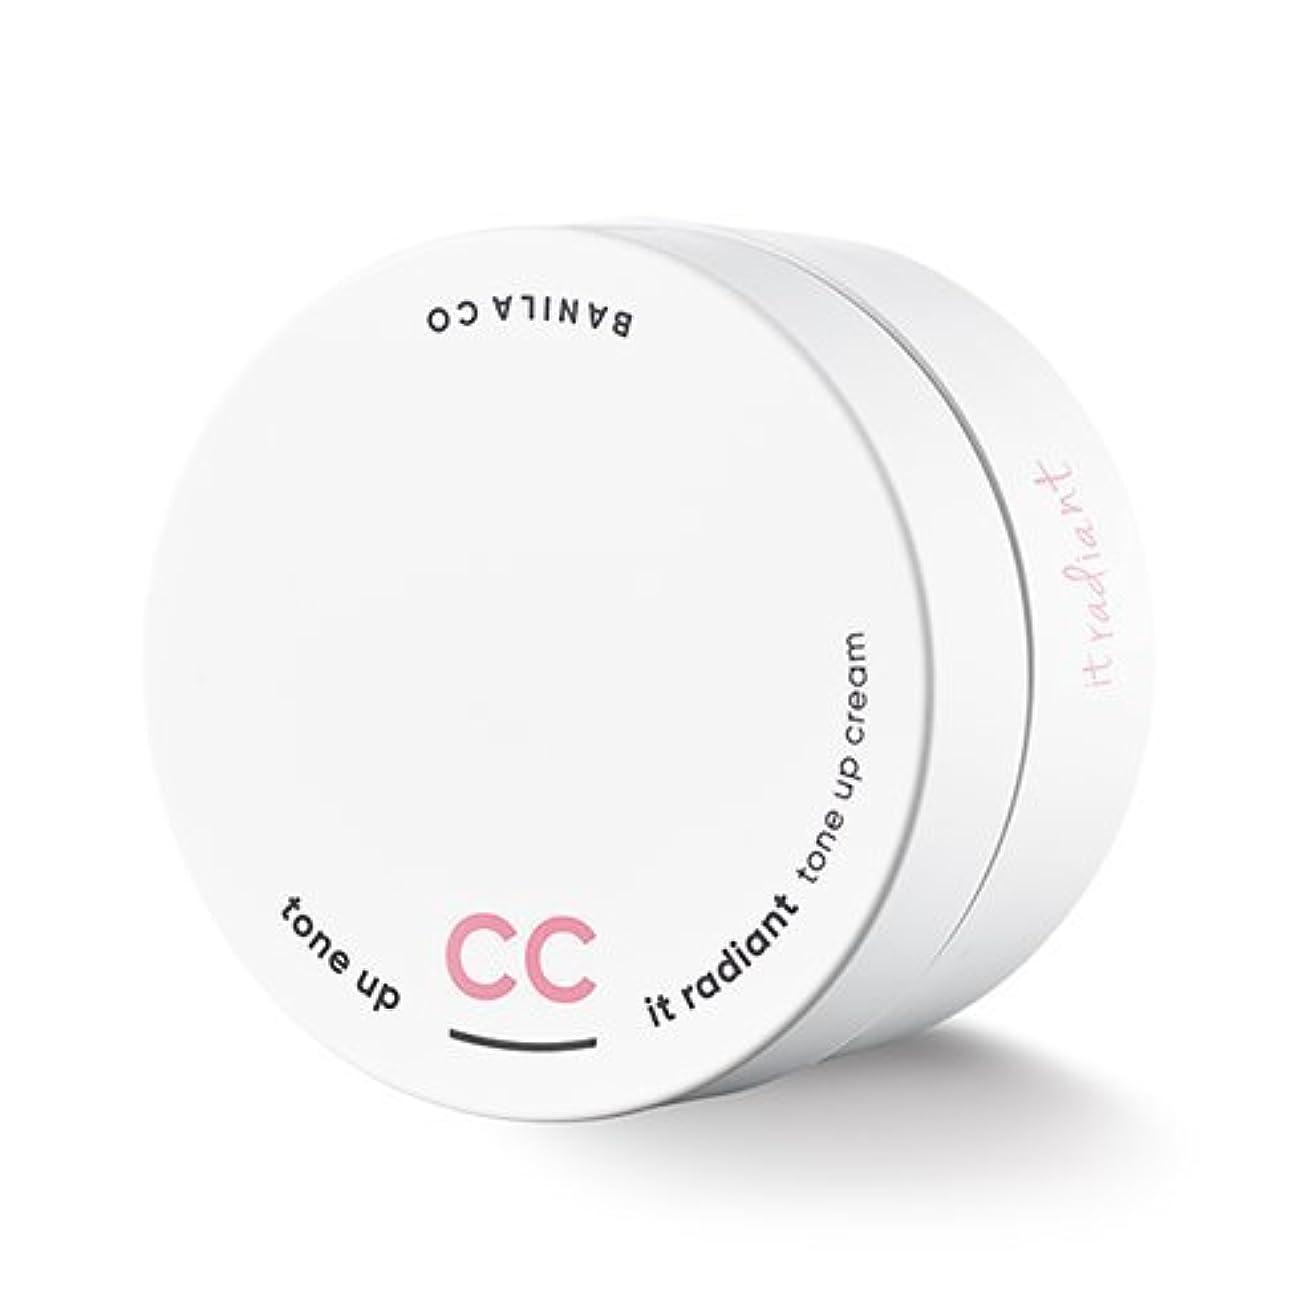 露出度の高い言及するBANILA CO It Radiant CC Tone Up Cream 50ml/バニラコ イット ラディアント CC トーンアップ クリーム 50ml [並行輸入品]